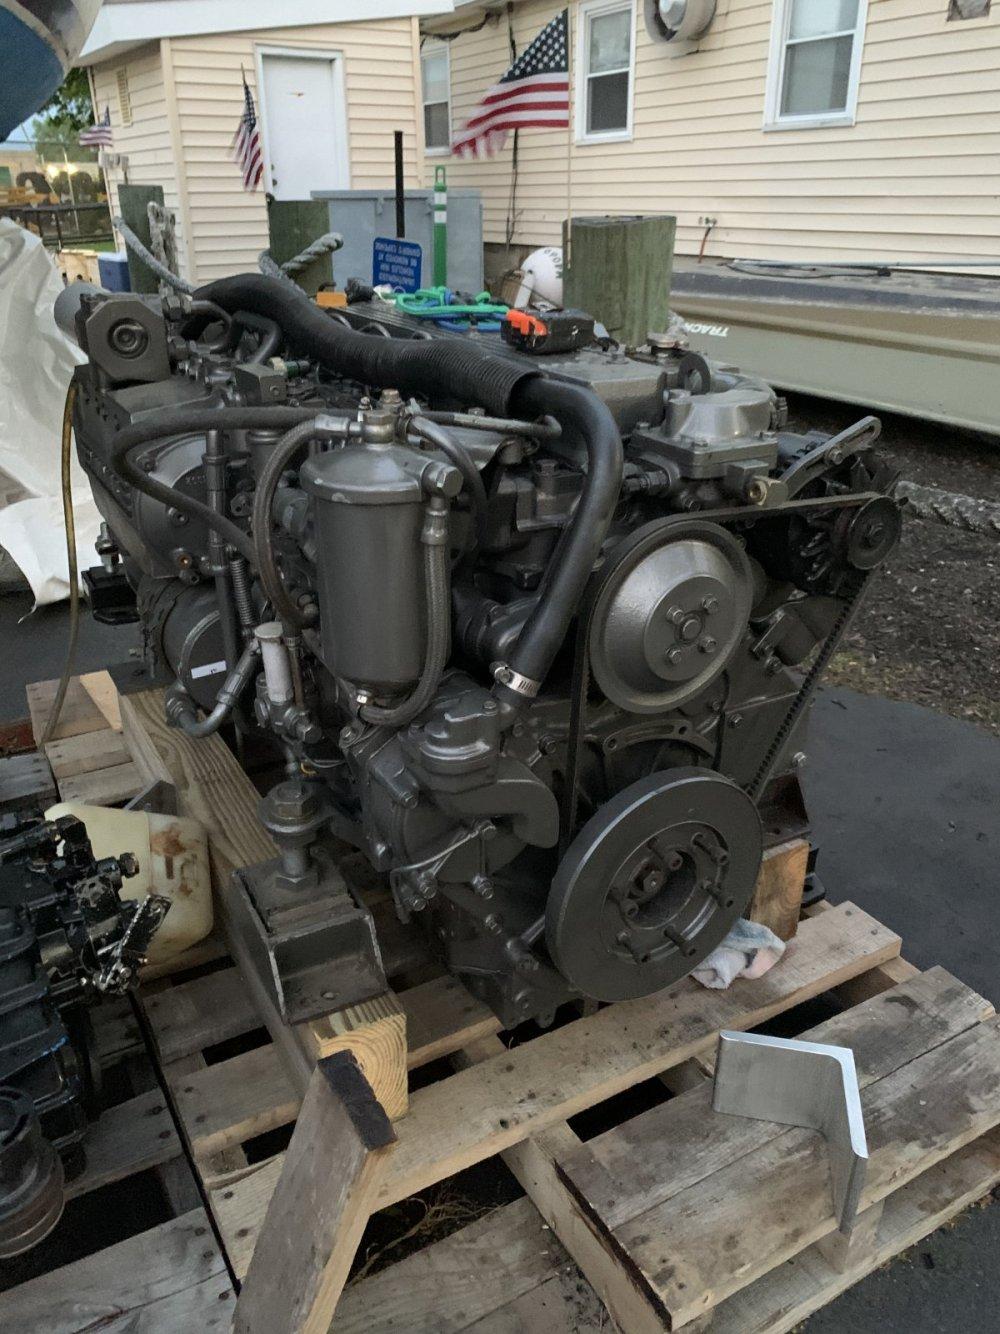 D23C55E4-DADA-4747-9926-DB3AED23611E.jpeg